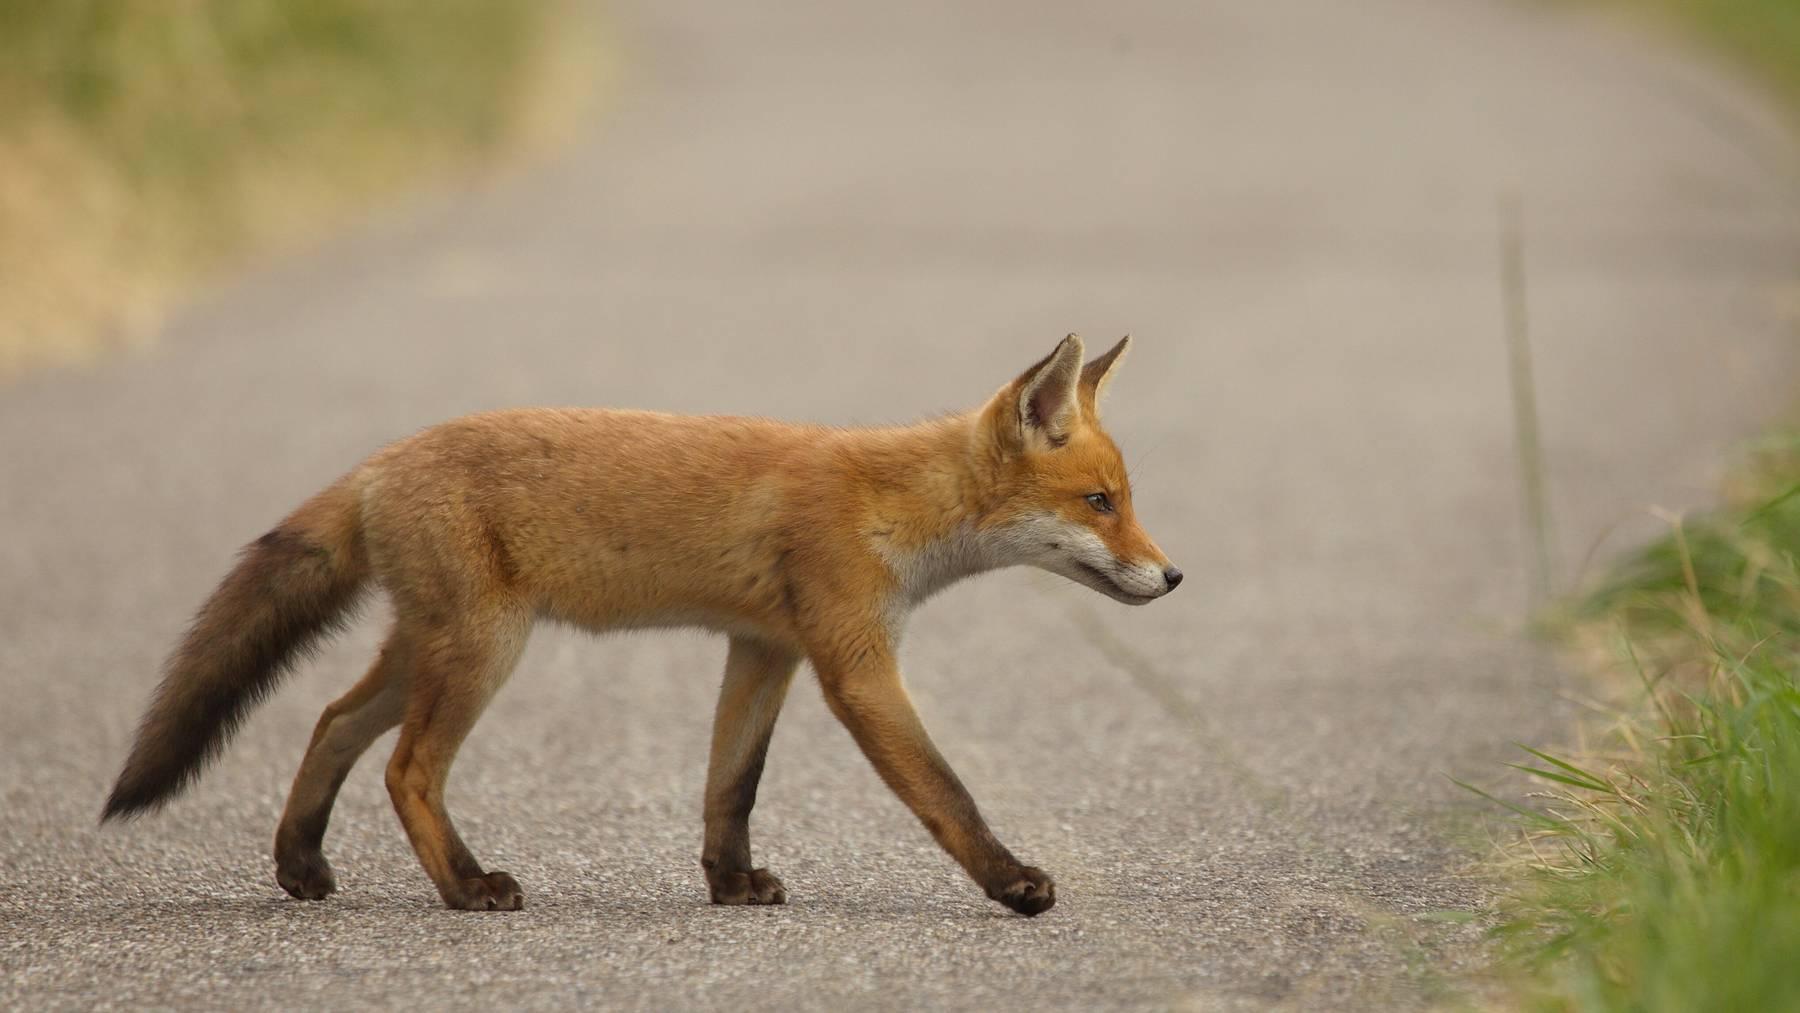 Wildtiere sind unberechenbar. Daher sollte man langsamer fahren, wenn man ein Tier in der Nähe einer Strasse sieht.